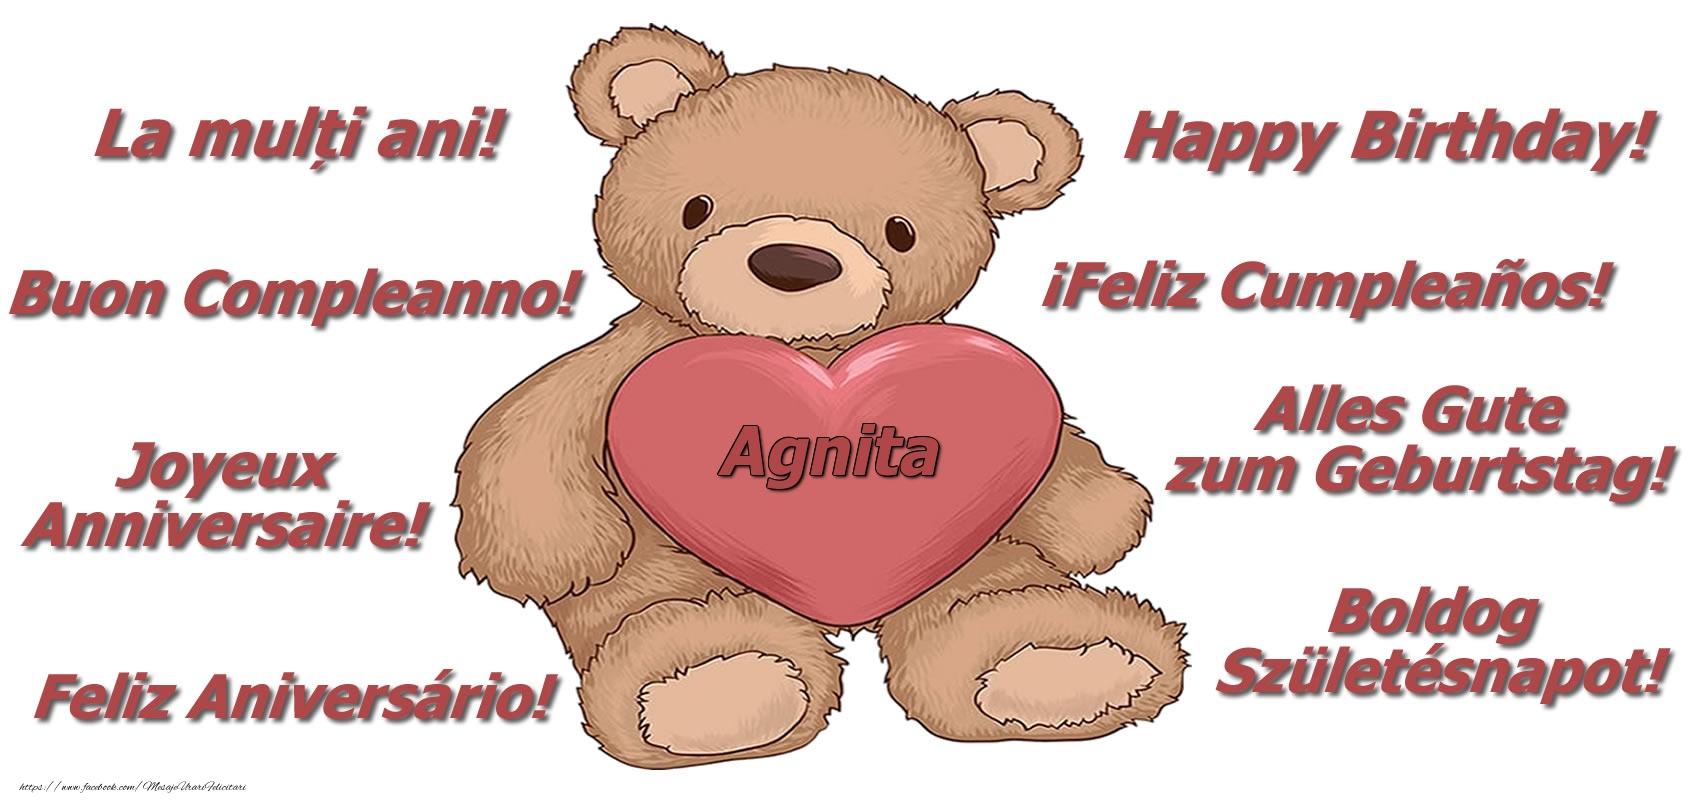 Felicitari de zi de nastere - La multi ani Agnita! - Ursulet